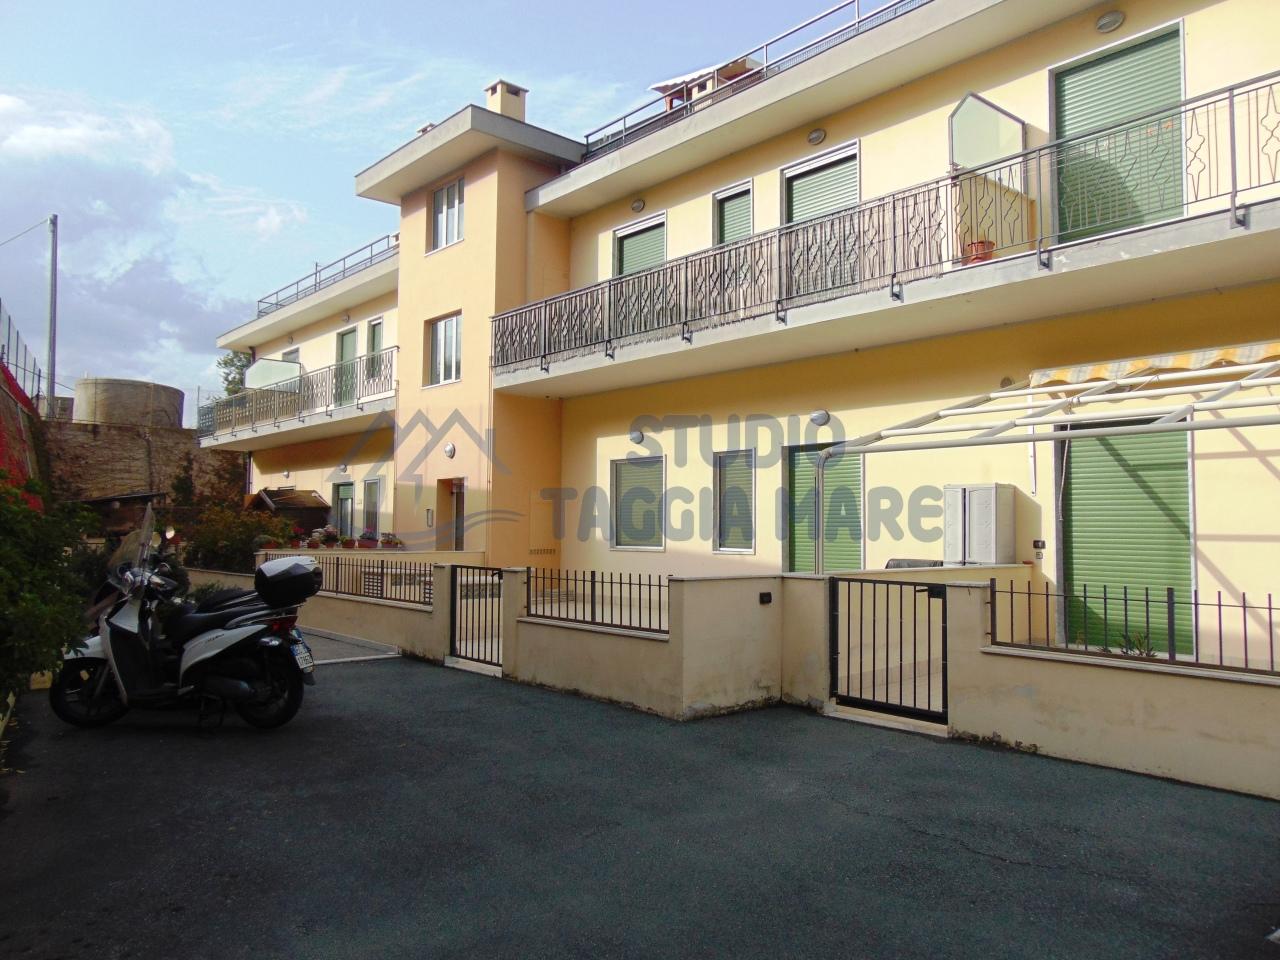 Appartamento in vendita a Santo Stefano al Mare, 3 locali, prezzo € 225.000 | Cambio Casa.it